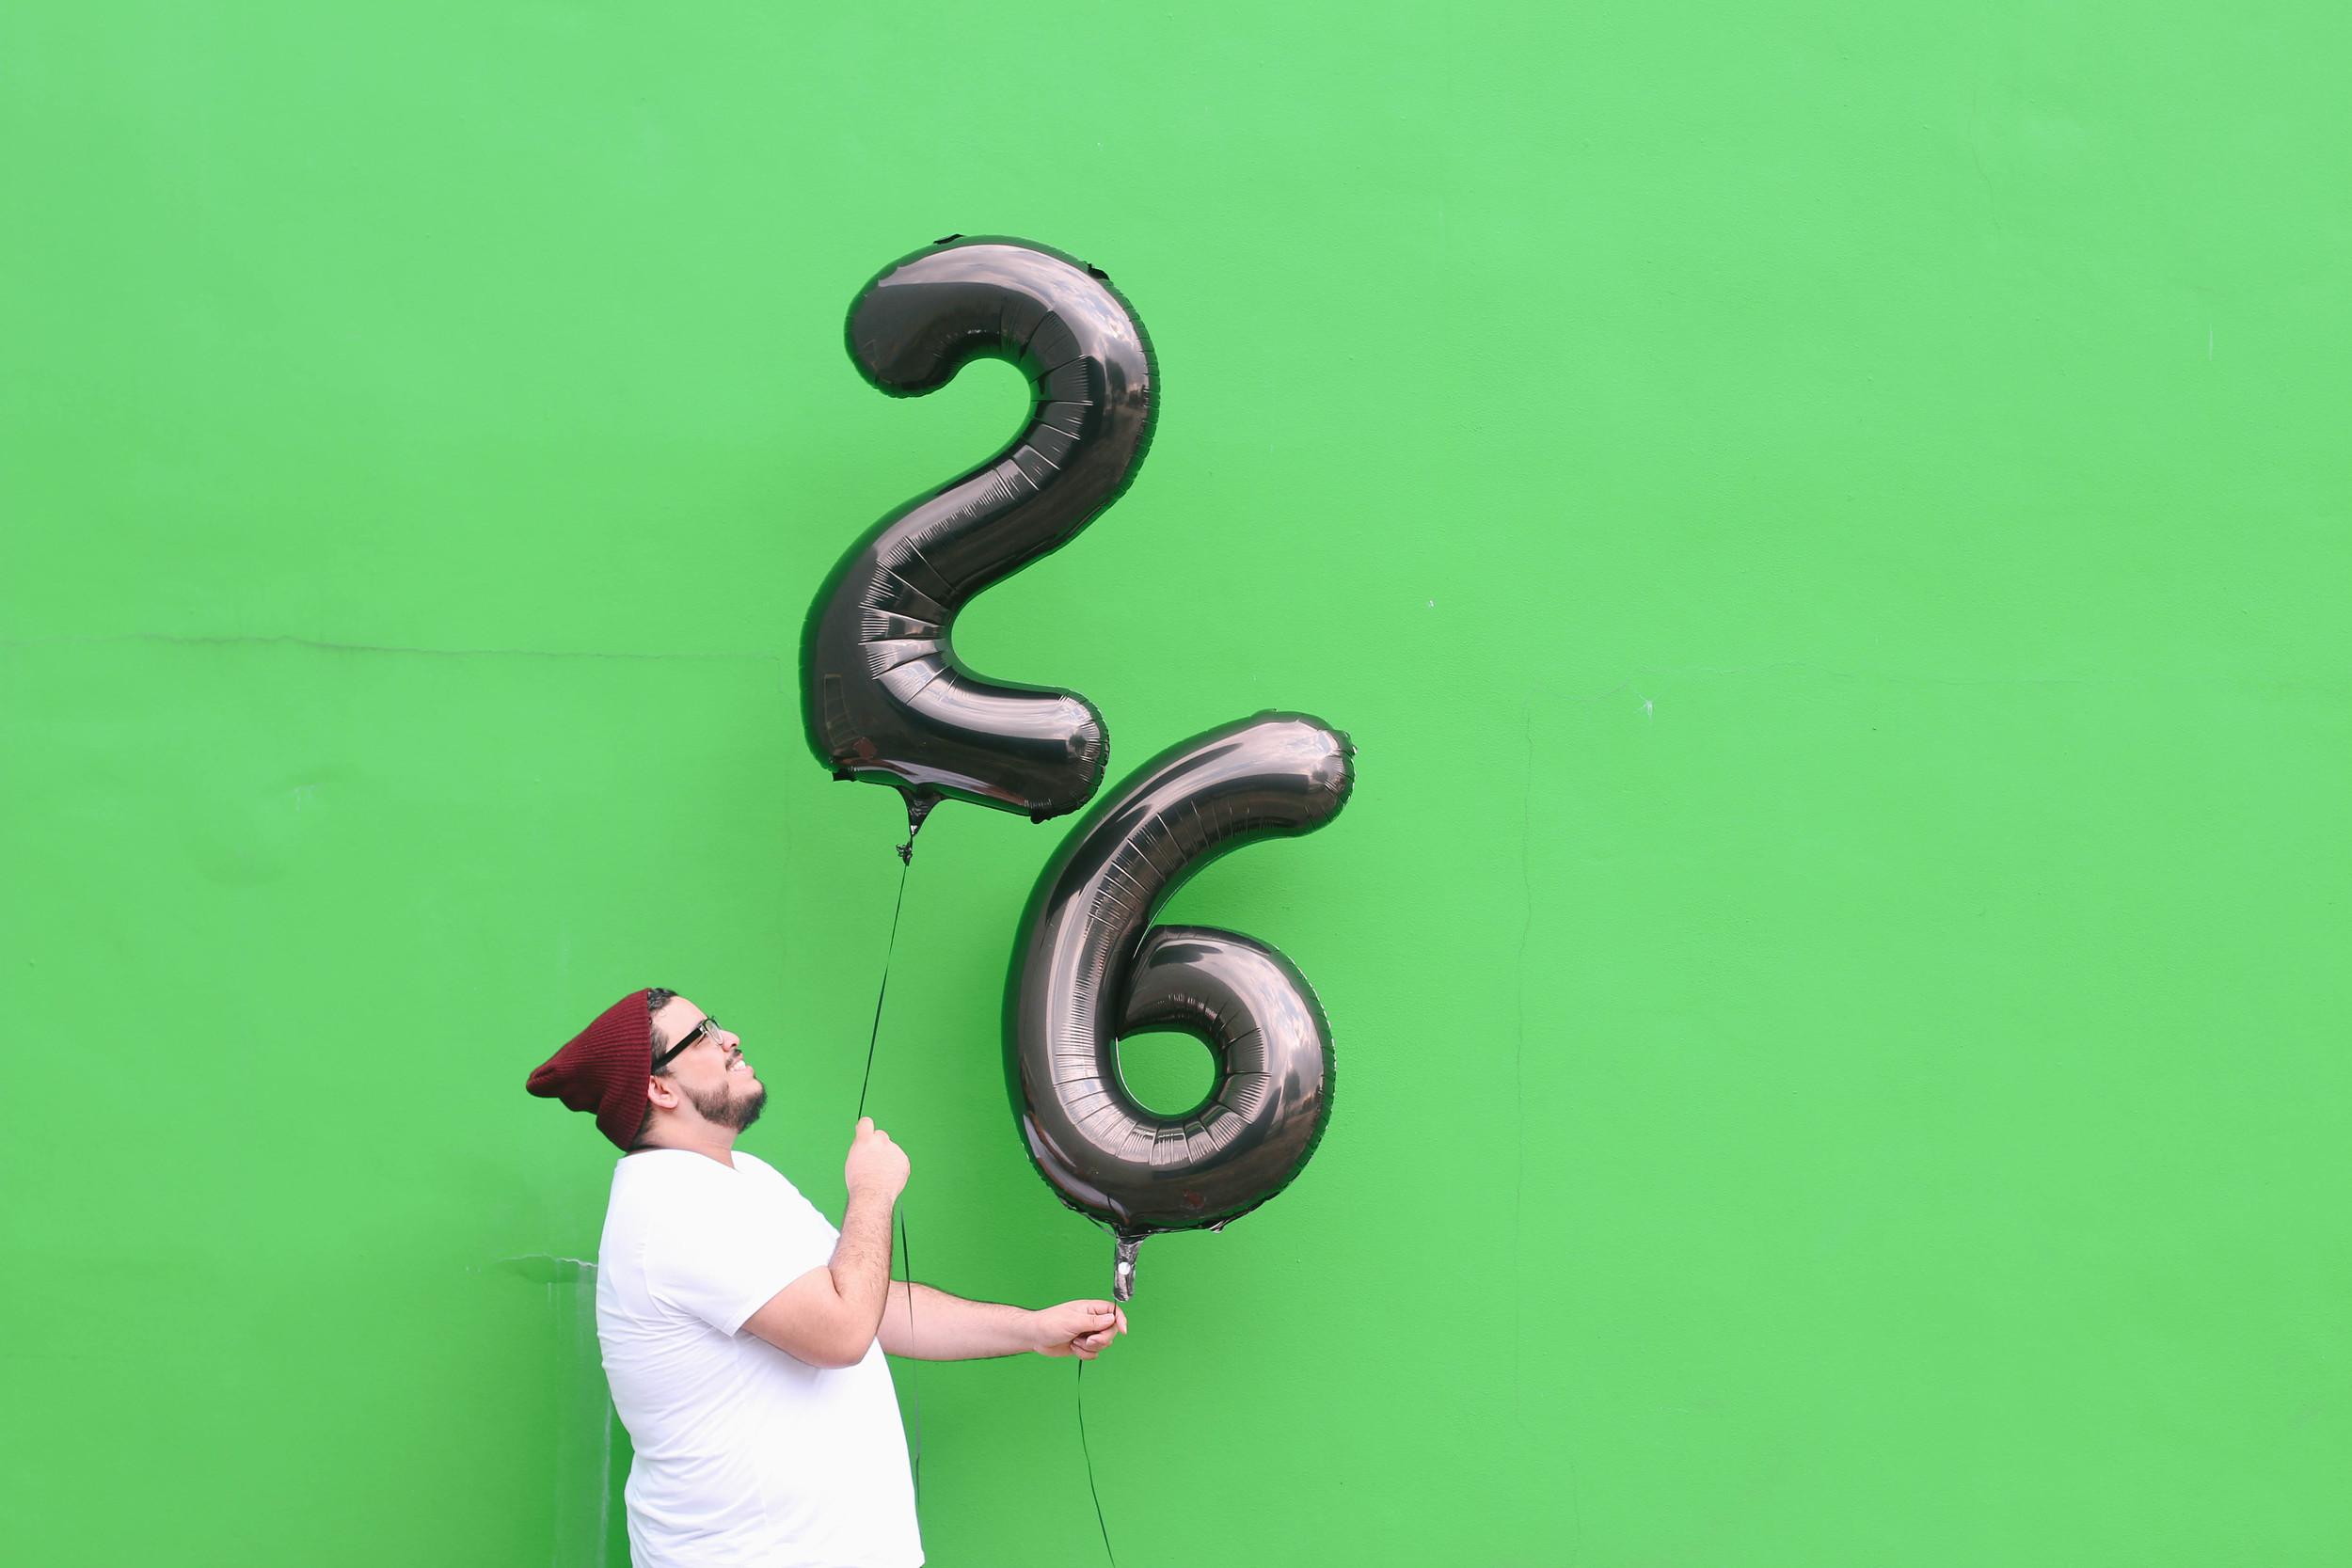 jairo's 26th birthday